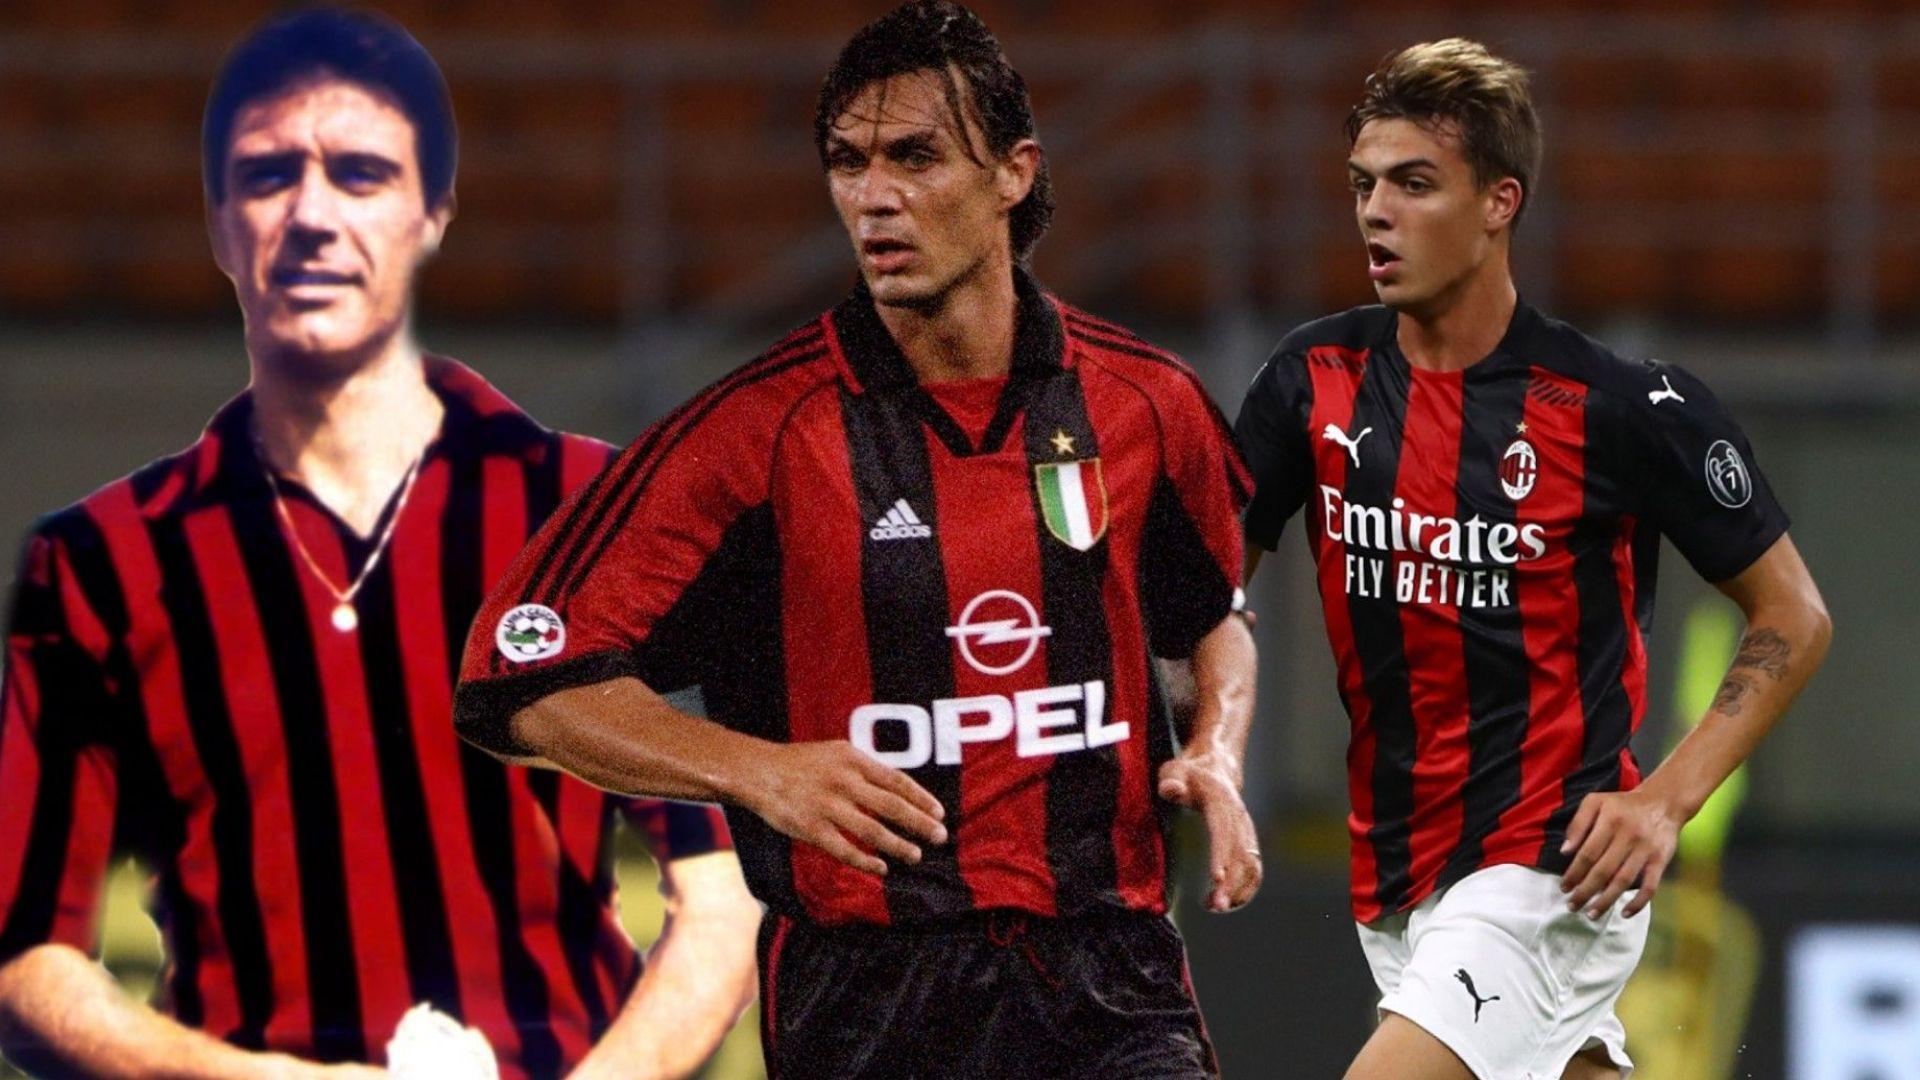 """Историческа нощ на """"Сан Сиро"""" - 1000 пъти Малдини с екипа на Милан в първенството"""